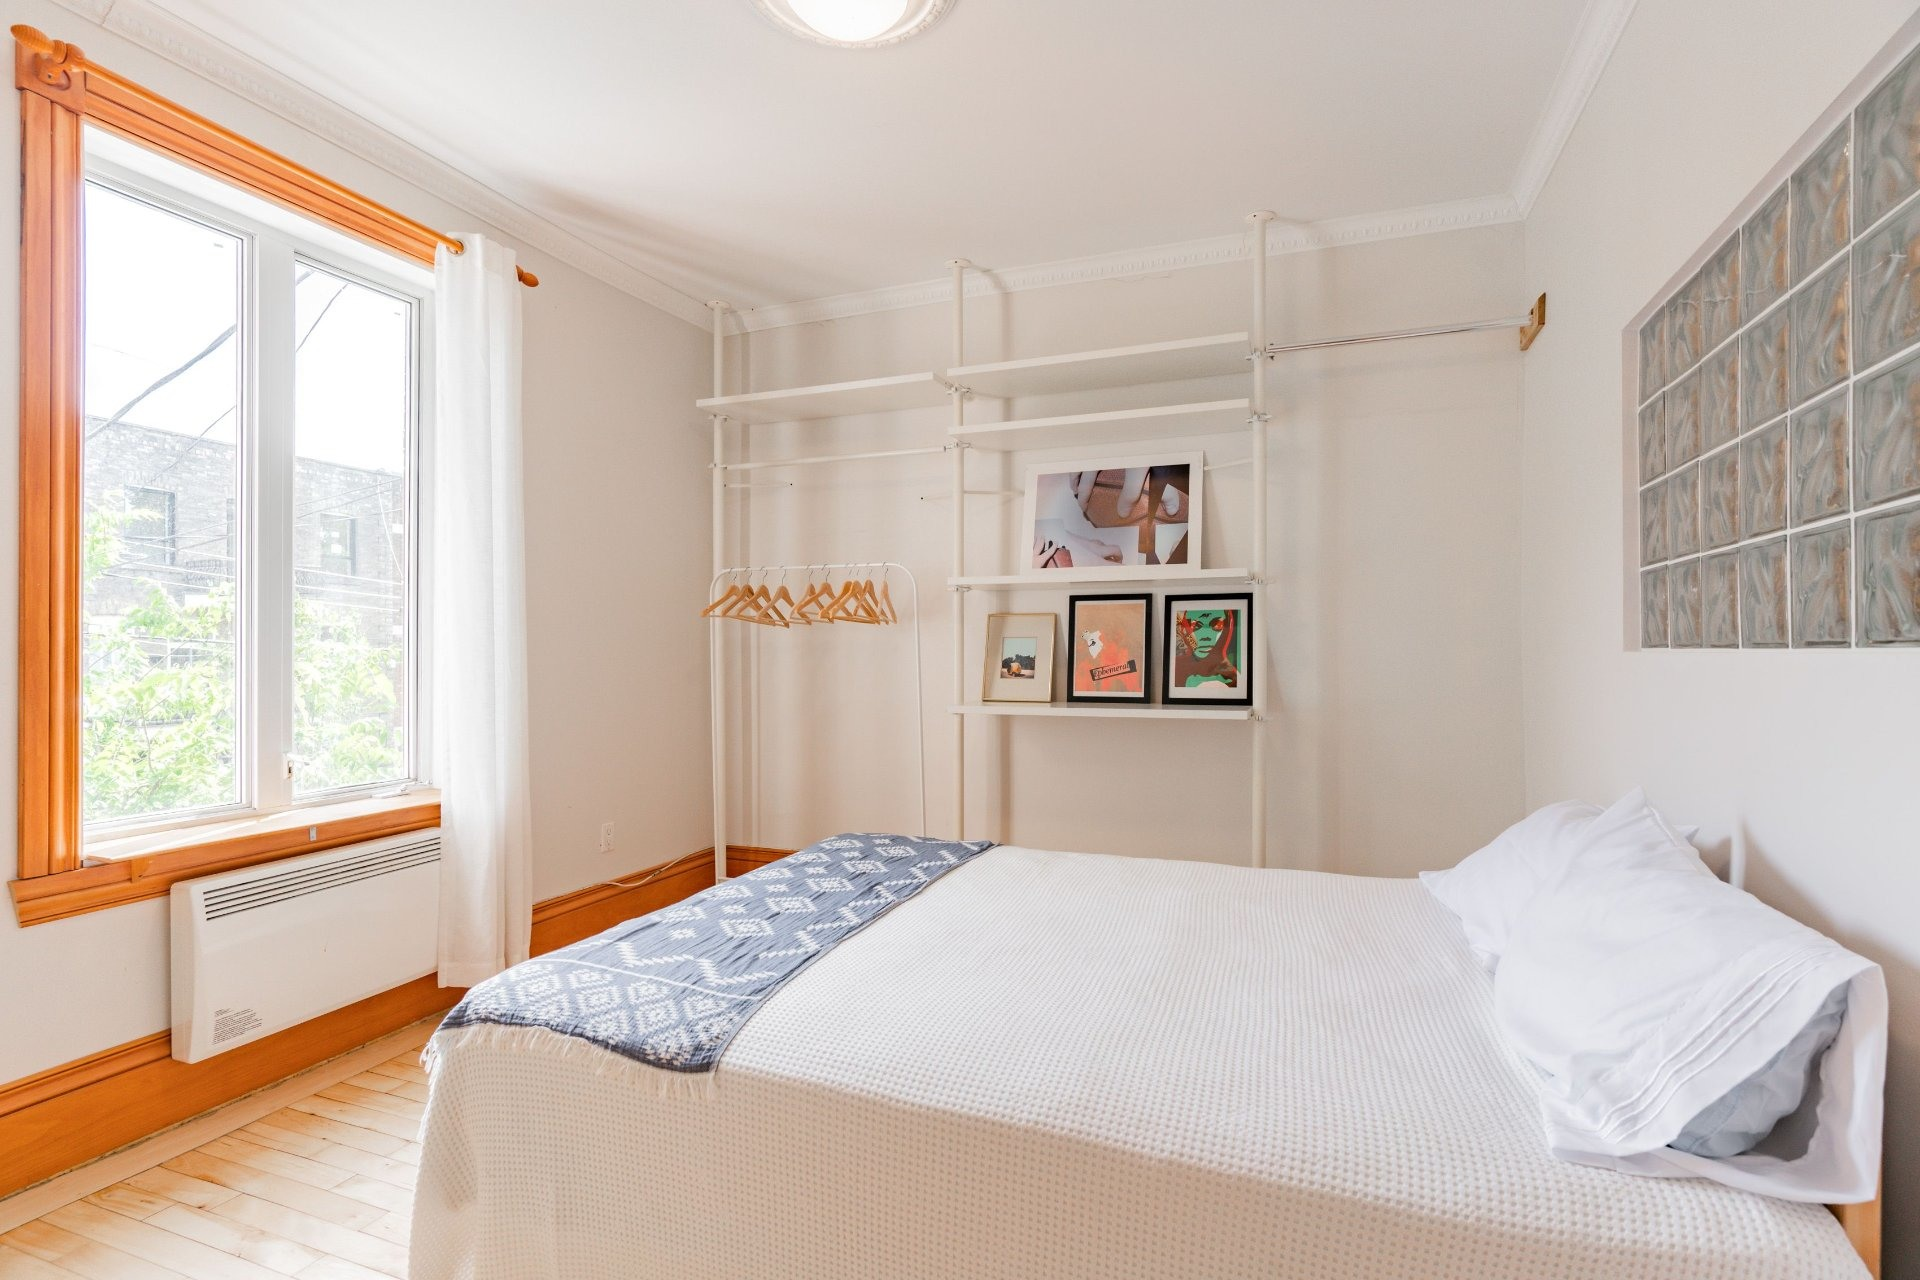 image 3 - Appartement À vendre Verdun/Île-des-Soeurs Montréal  - 4 pièces